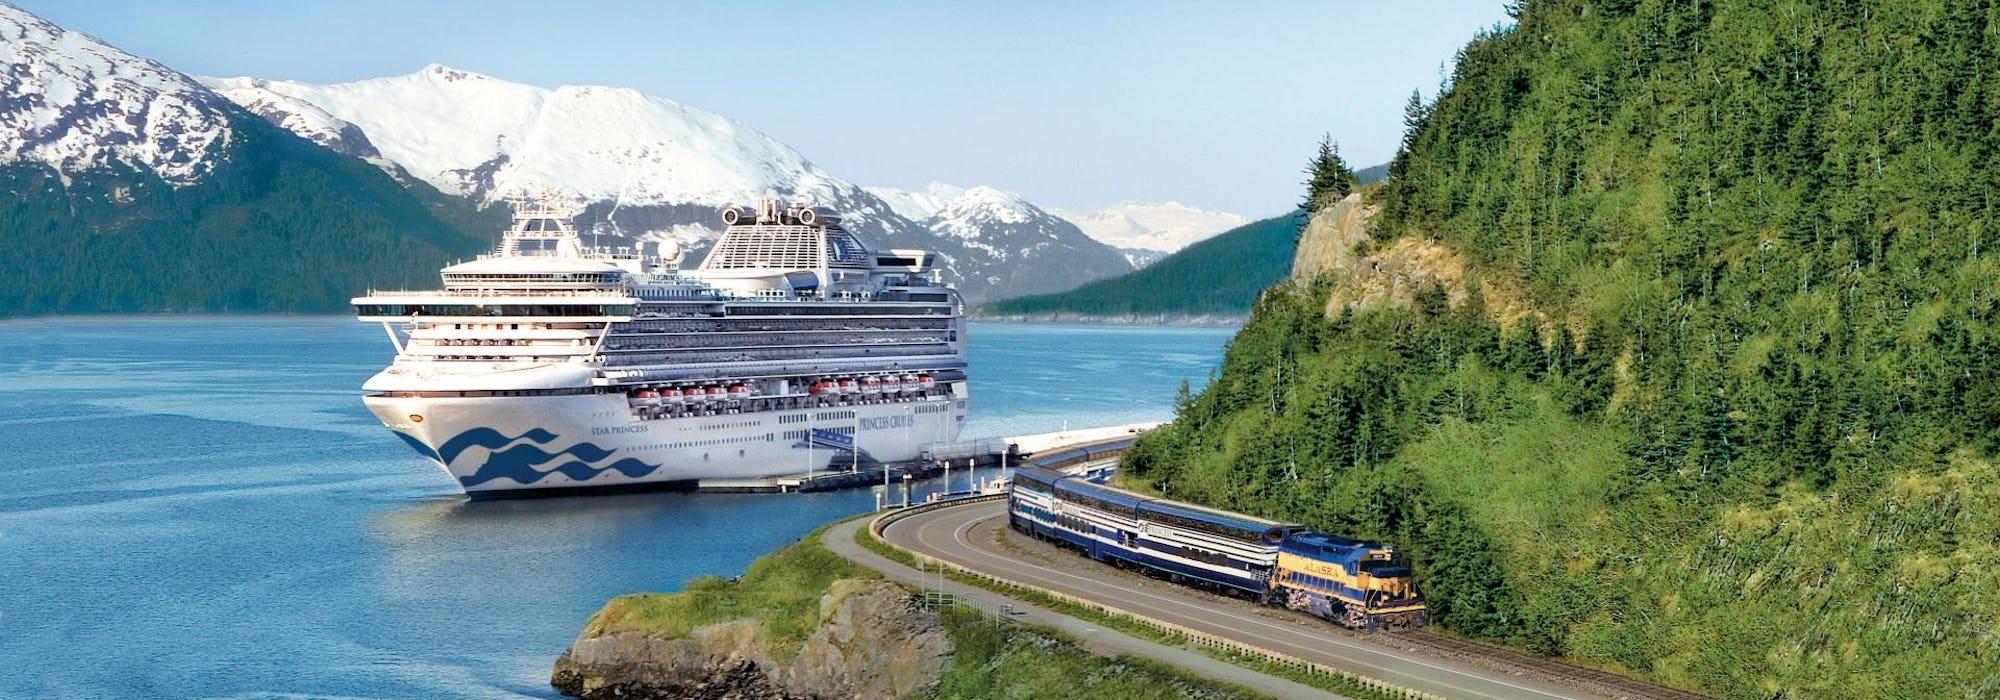 Fartyget Star Princess kryssar fram mellan snötäckta berg och skog. Till höger i bild syns även ett tåg.